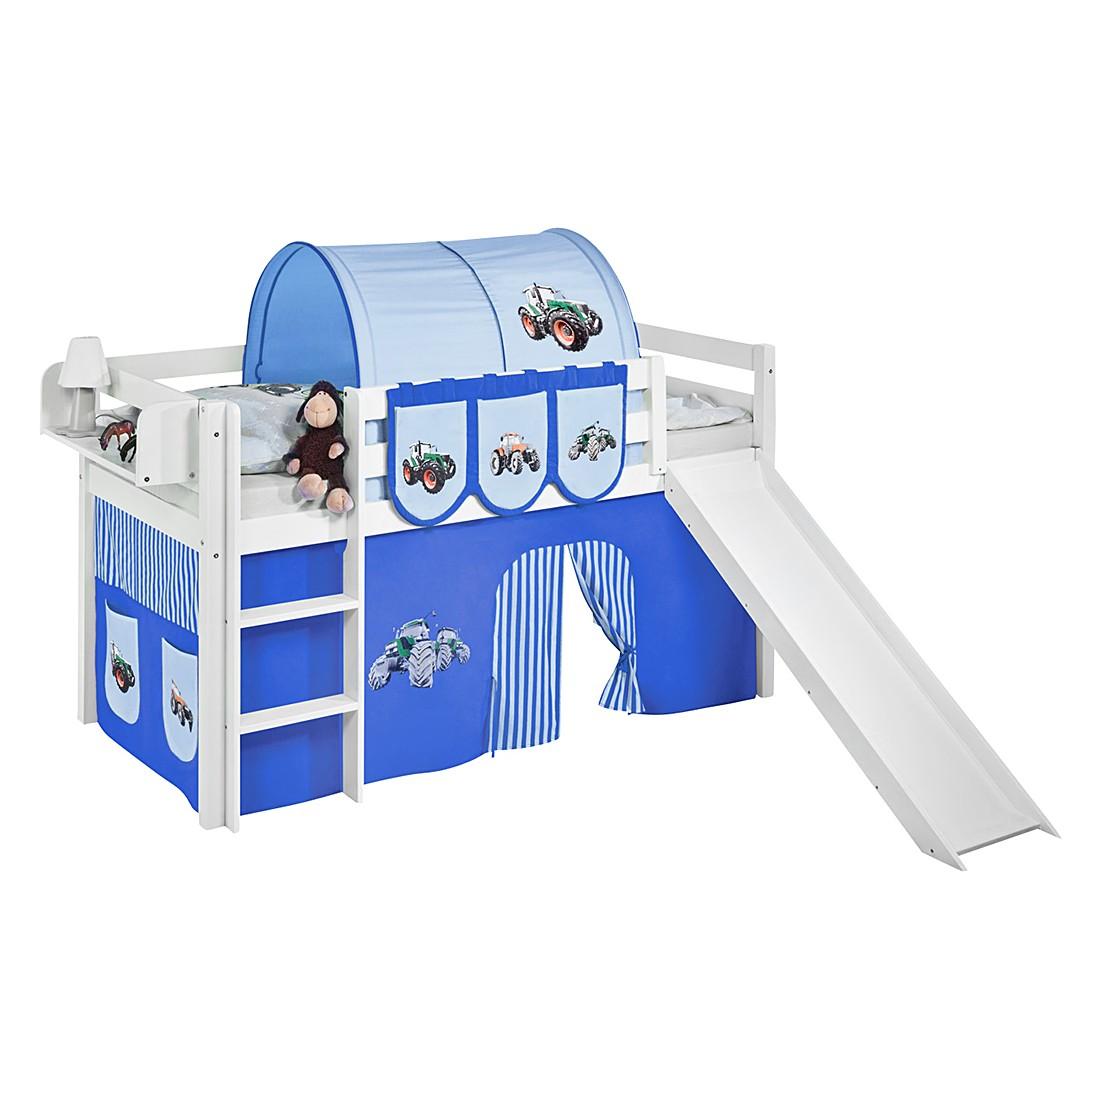 Spielbett JELLE Trecker Blau - Hochbett LILOKIDS - mit Rutsche und Vorhang - weiß - 90 x 190 cm, Lilokids